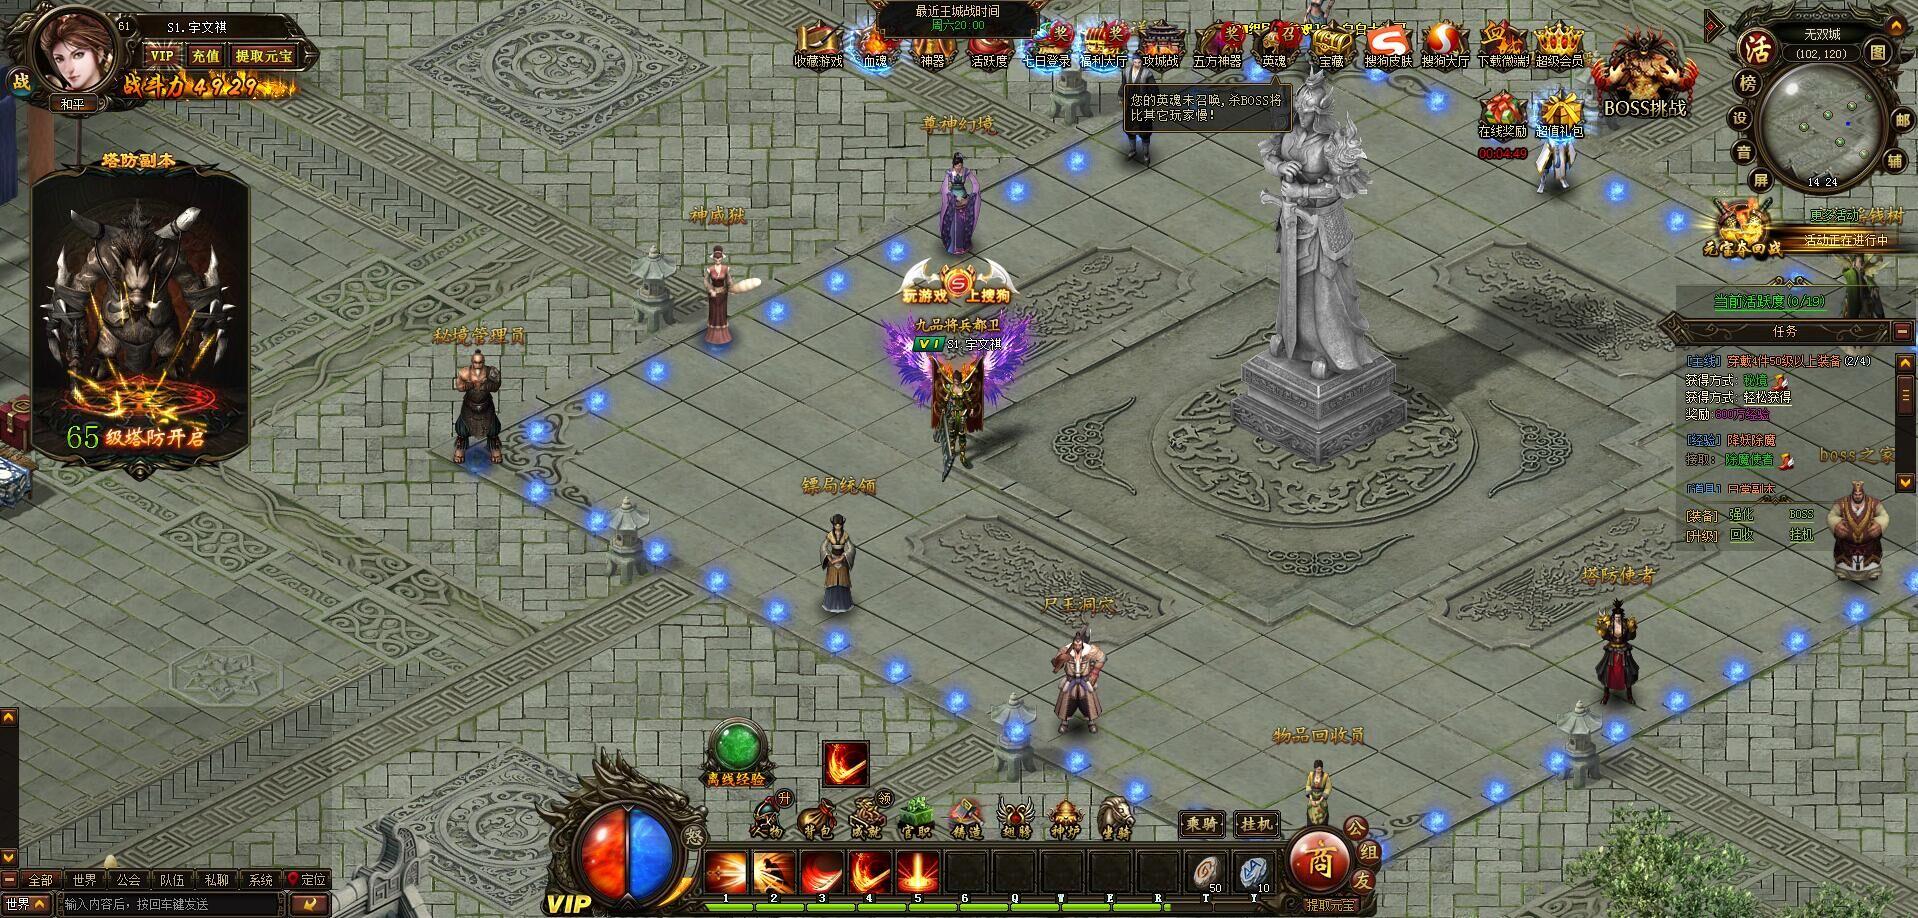 天神战游戏截图2